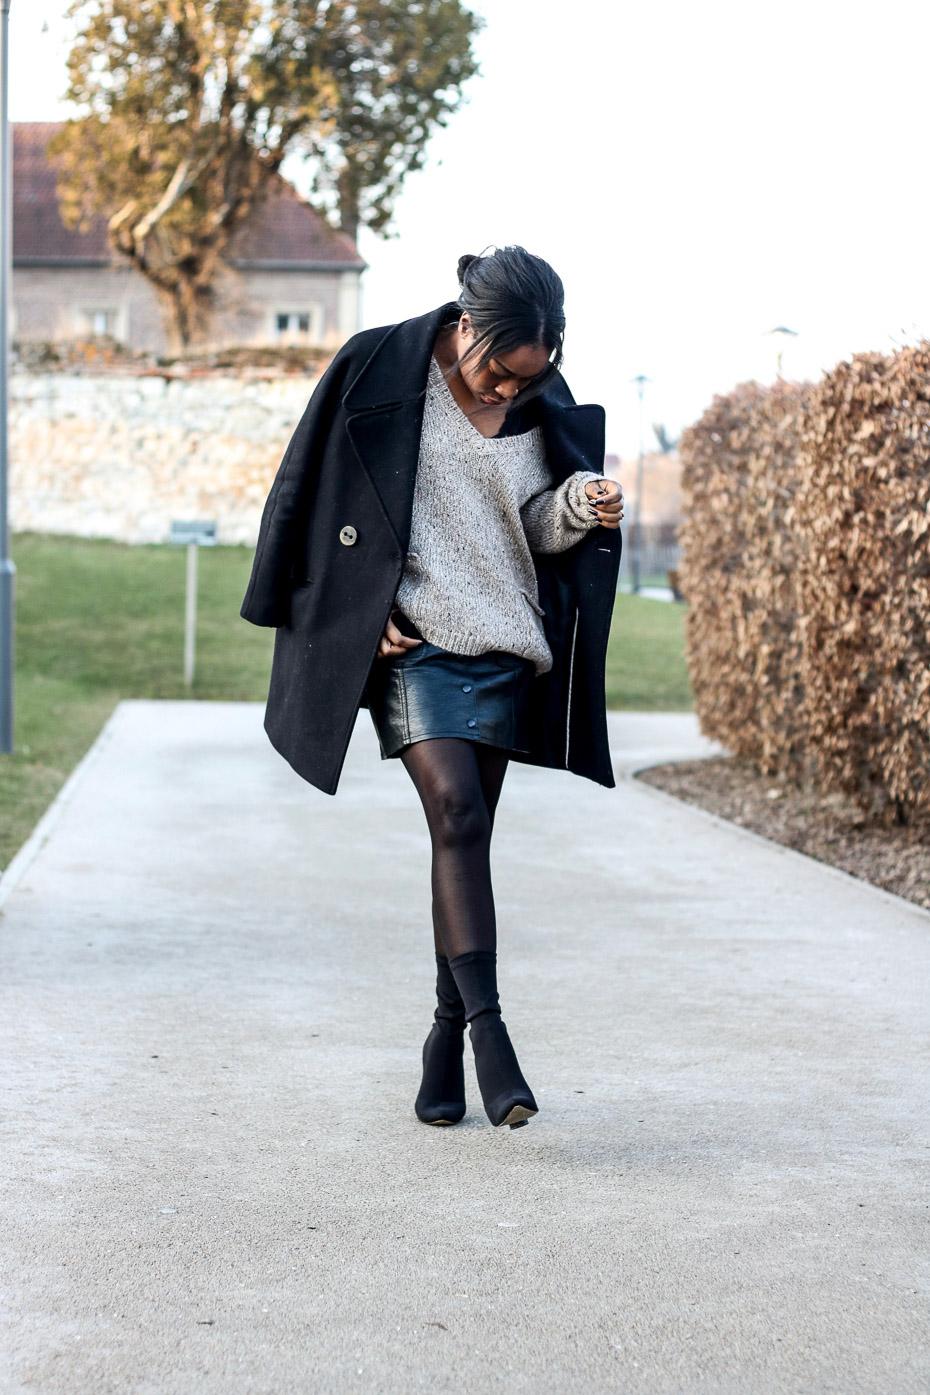 jupe-simili-cuir-body-en-dentelle-bottines-public-desire-blogueuse-mode